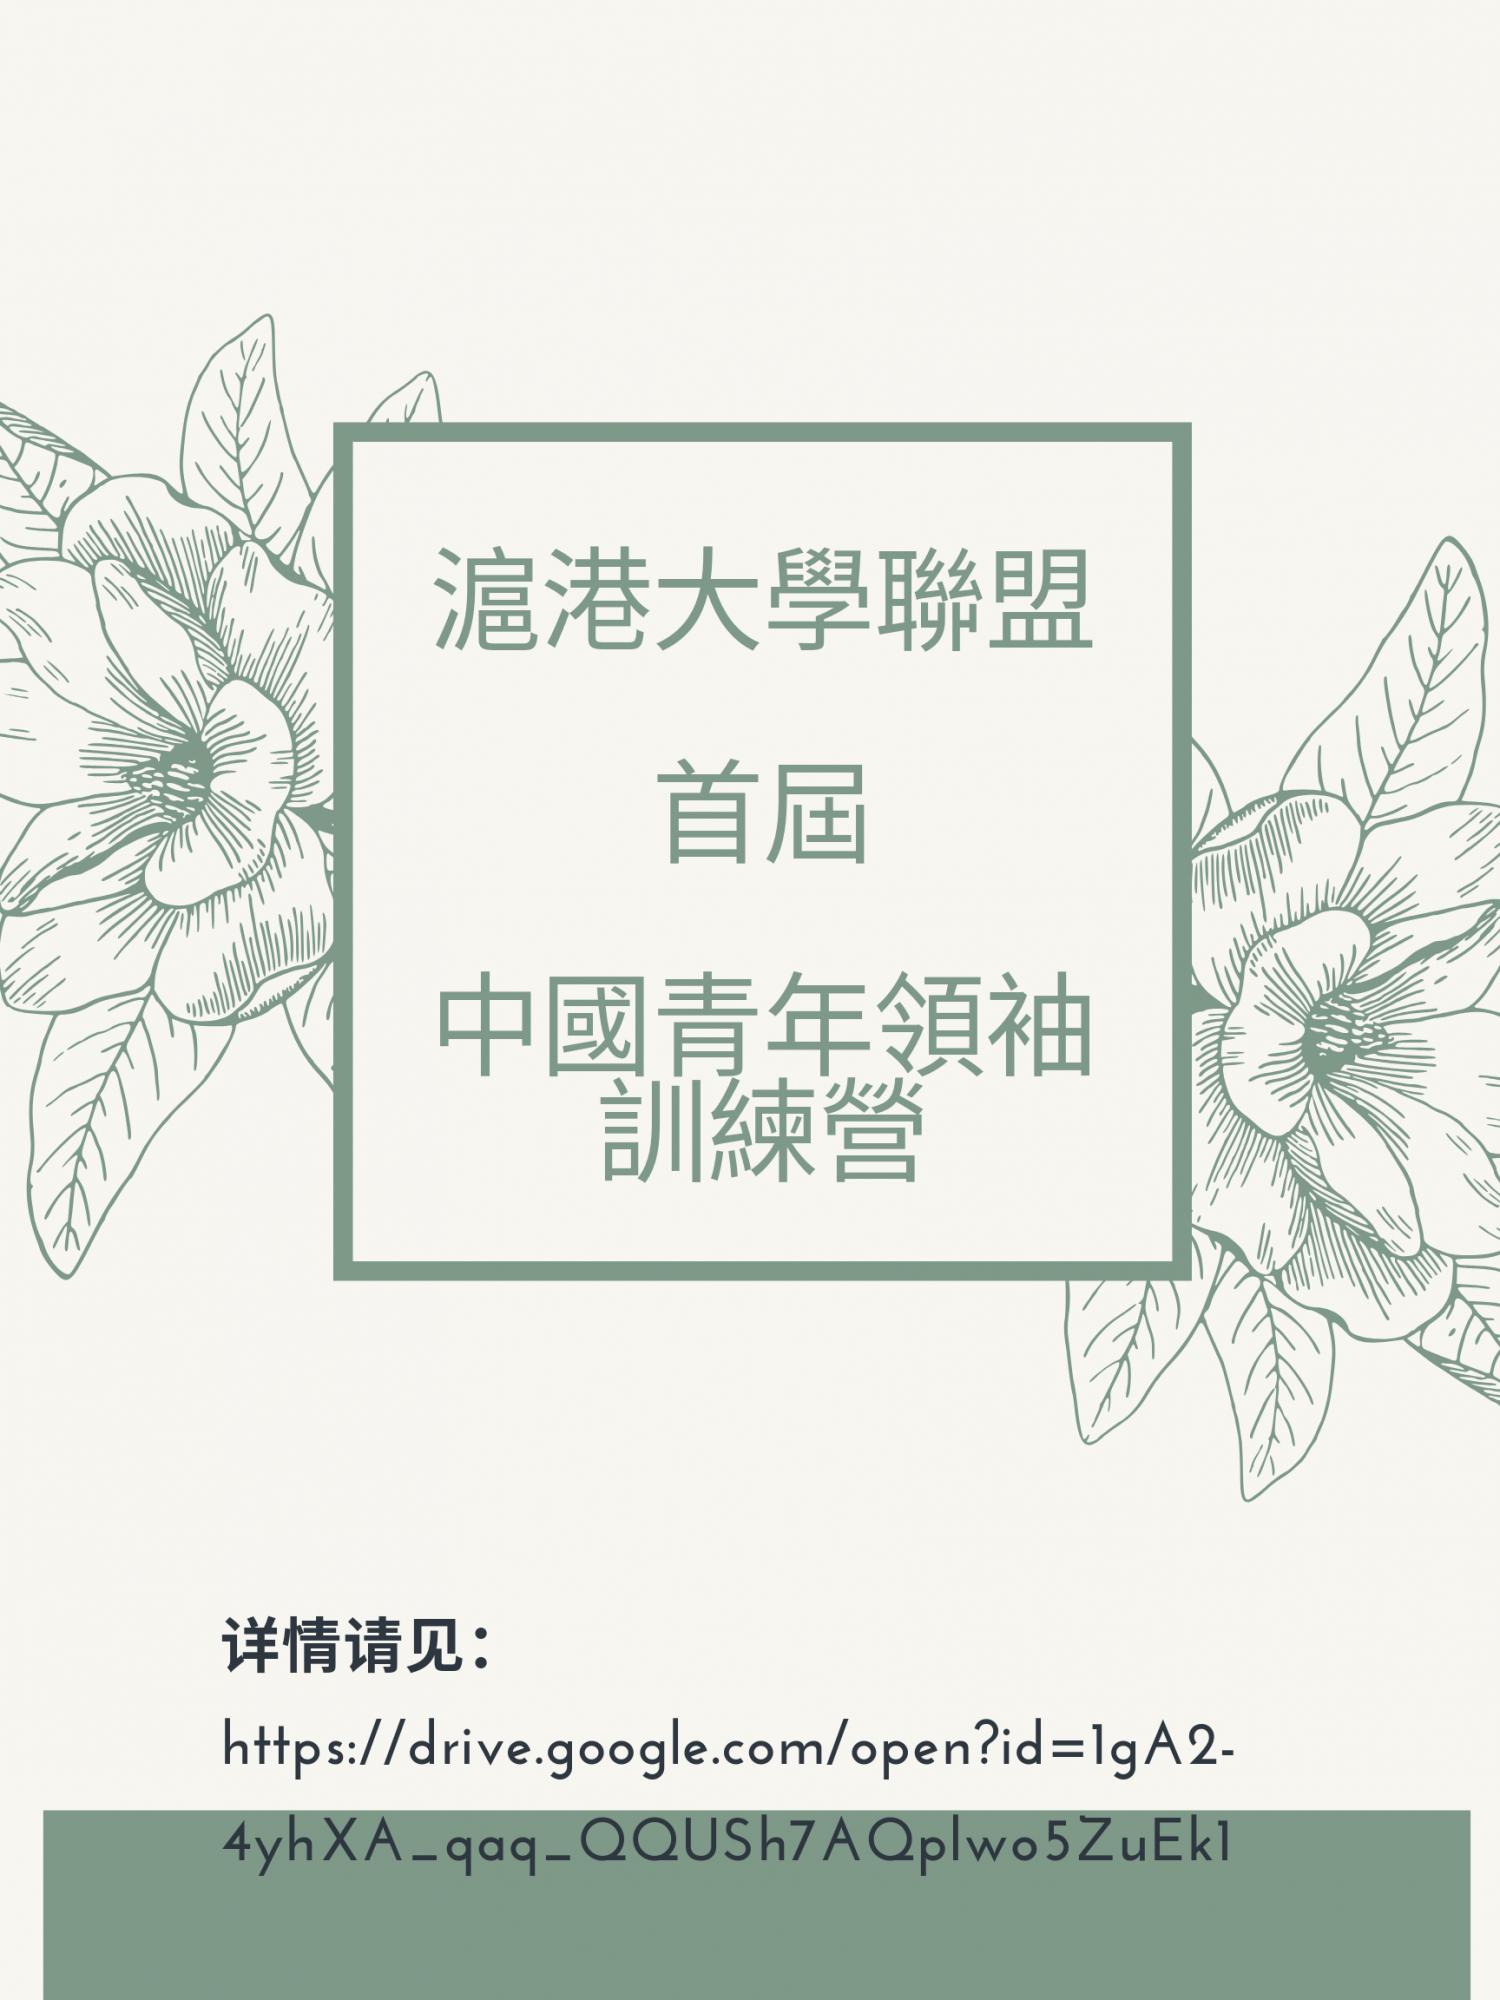 滬港大學聯盟首屆「中國青年領袖訓練營」